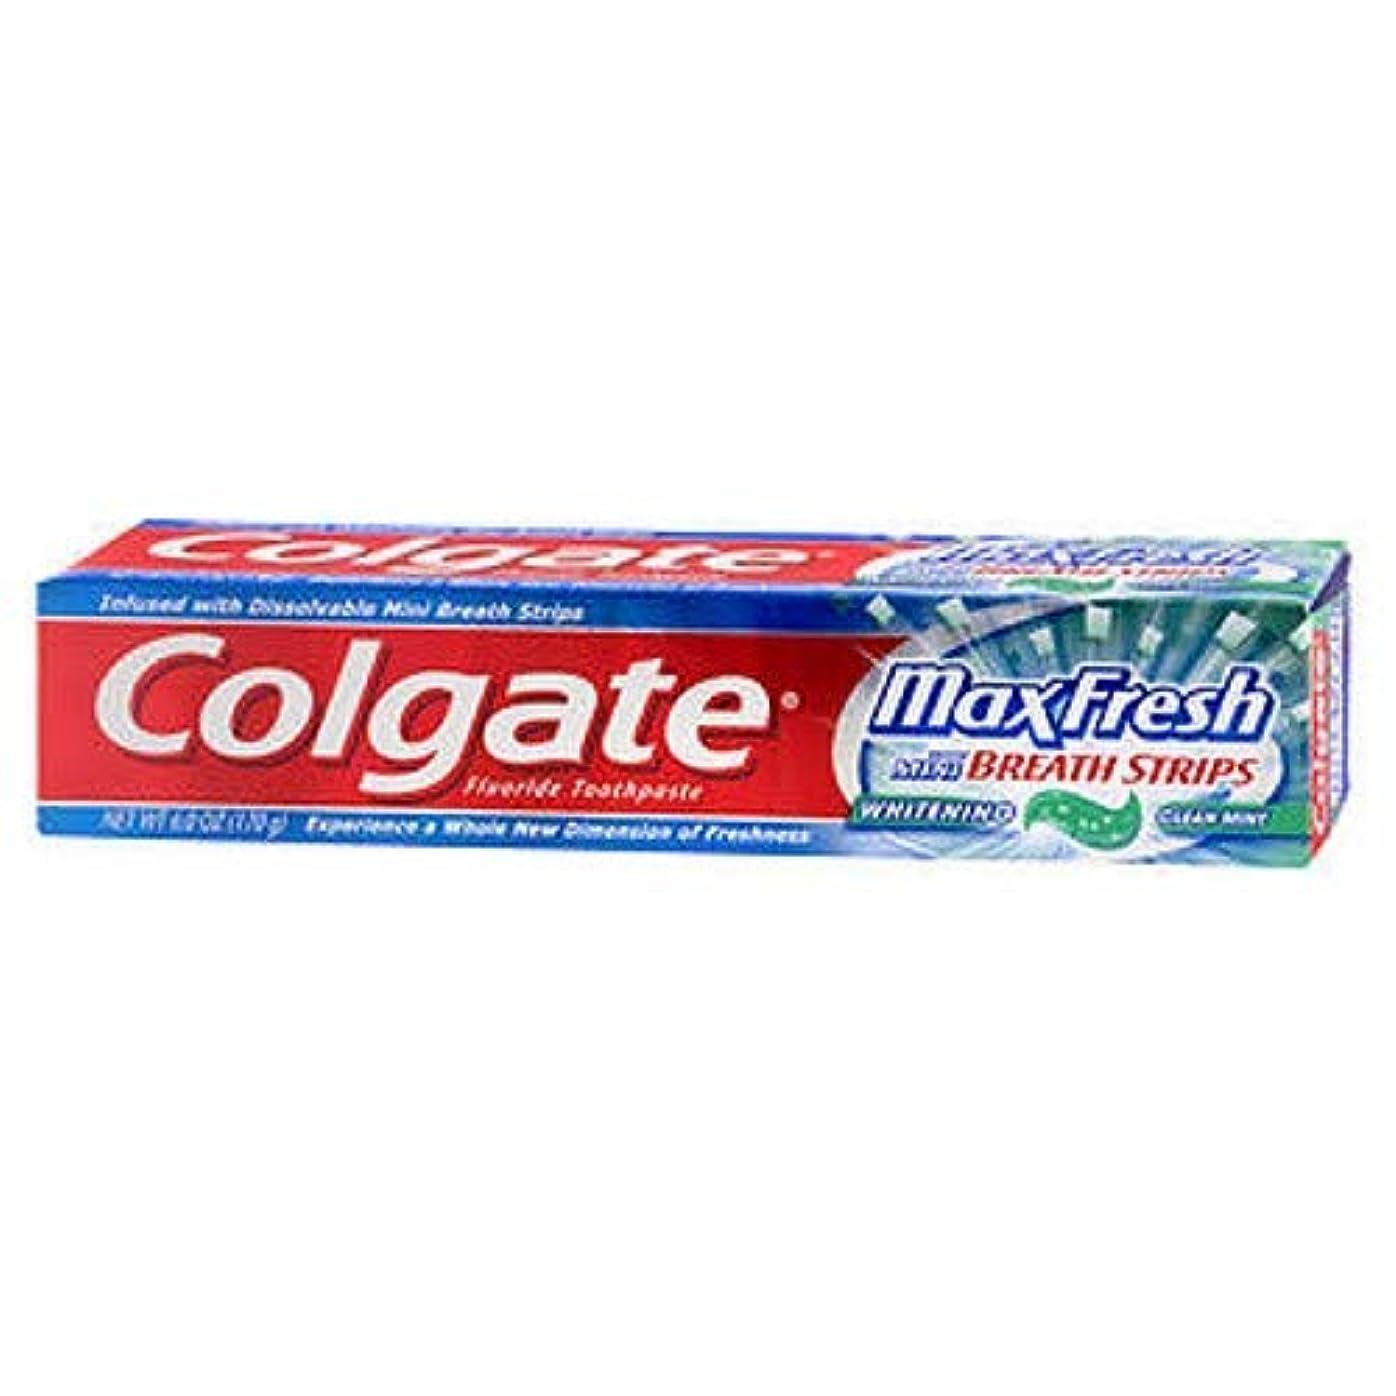 ルール楽な測るColgate ホワイトニングブレスストリップクリーンミントハミガキ6.0オンスでMaxfresh(2パック)